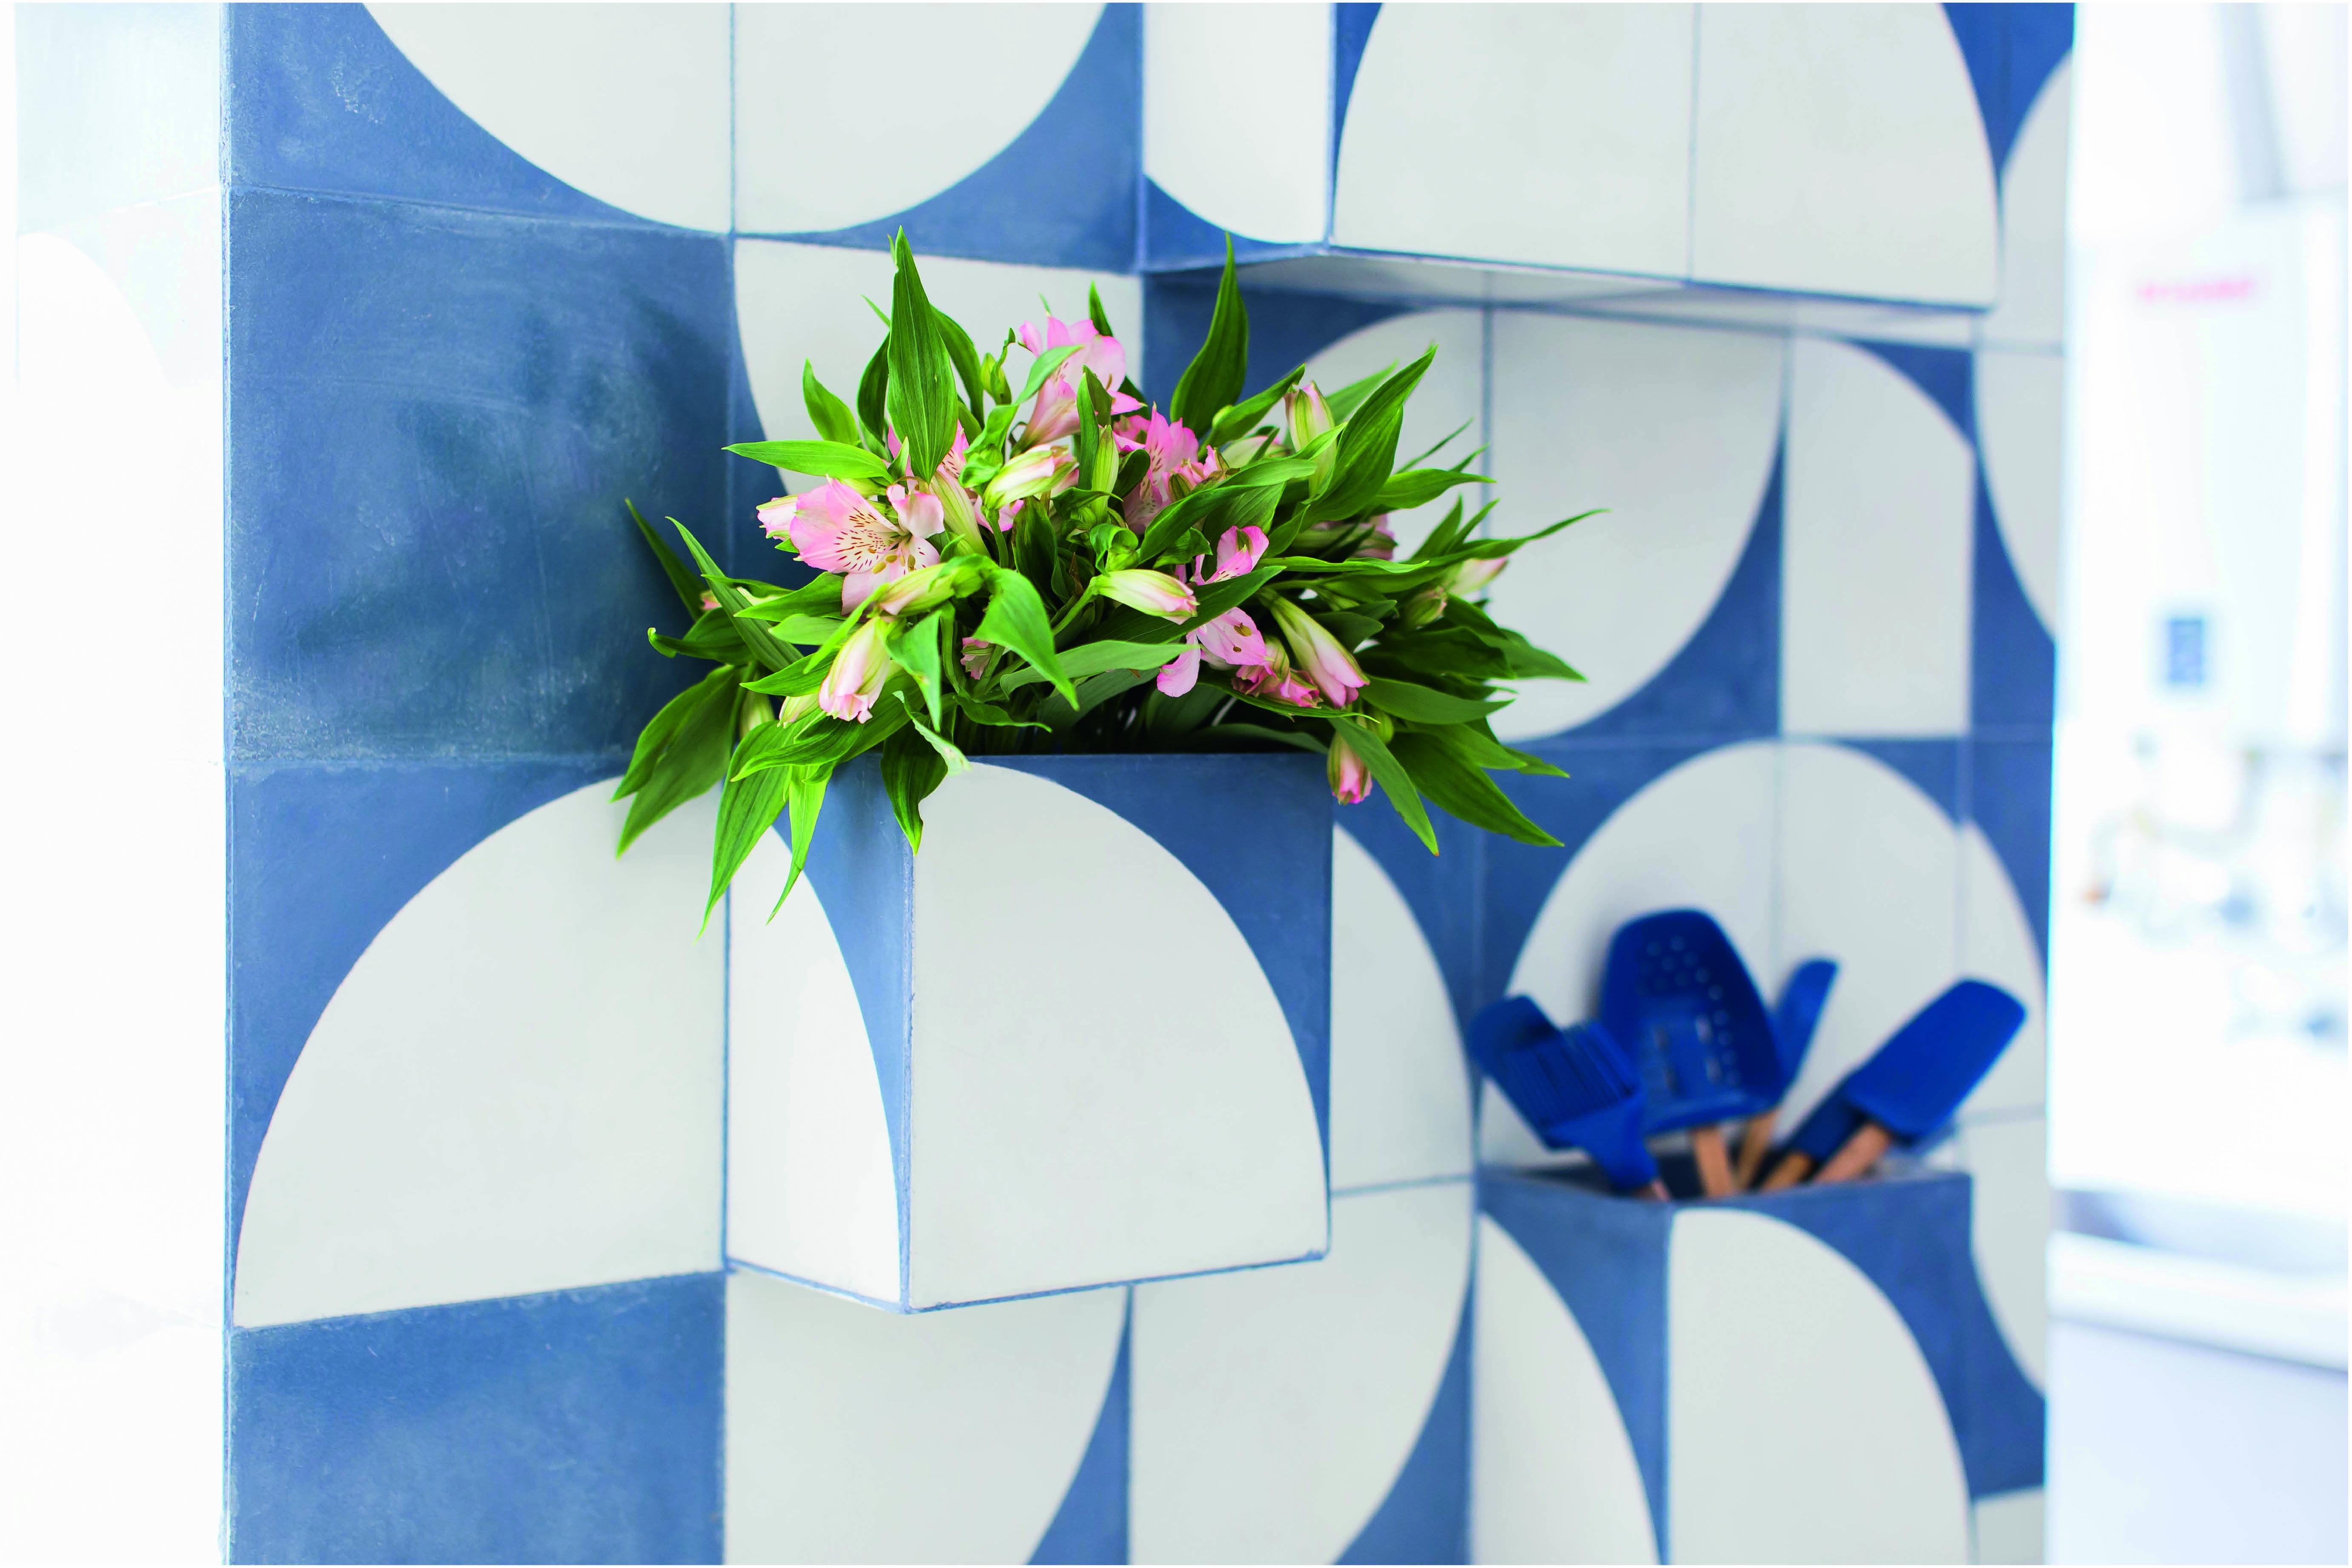 O projeto da arquiteta Tatiane Waileman traz nichos no mural de ladrilhos hidráulicos